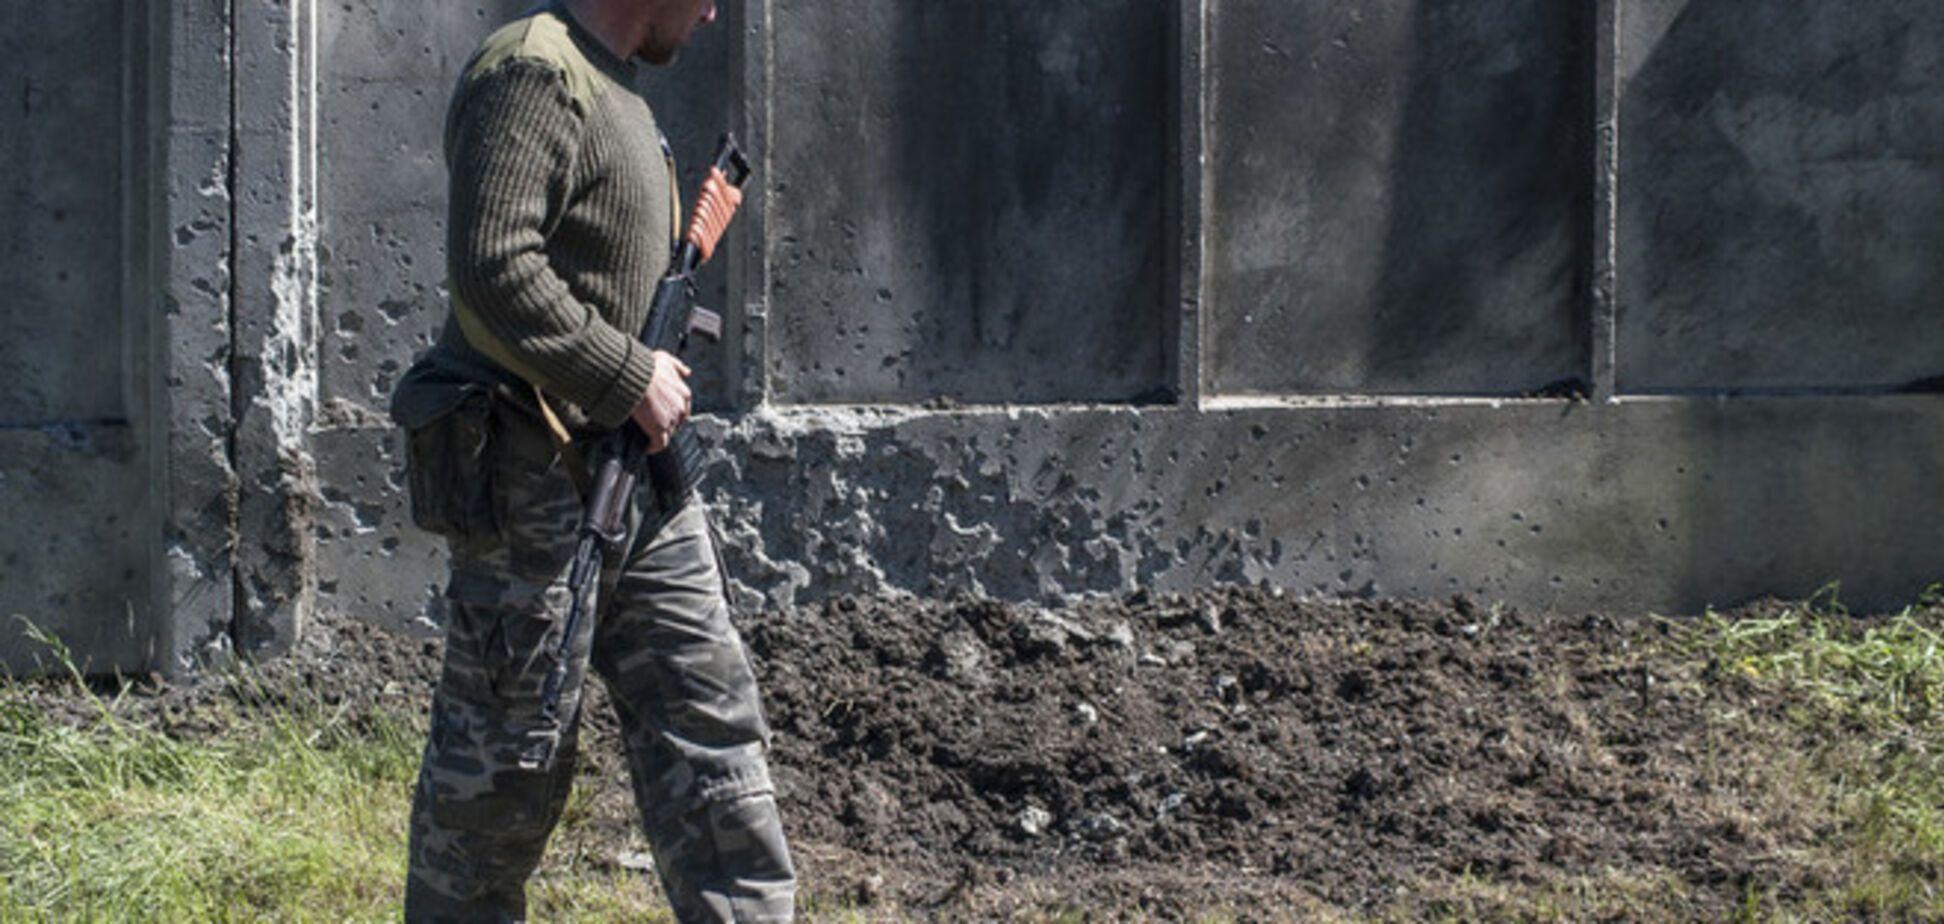 Военнослужащих РФ на Донбассе массово переодевают в 'ополчение' - Тымчук